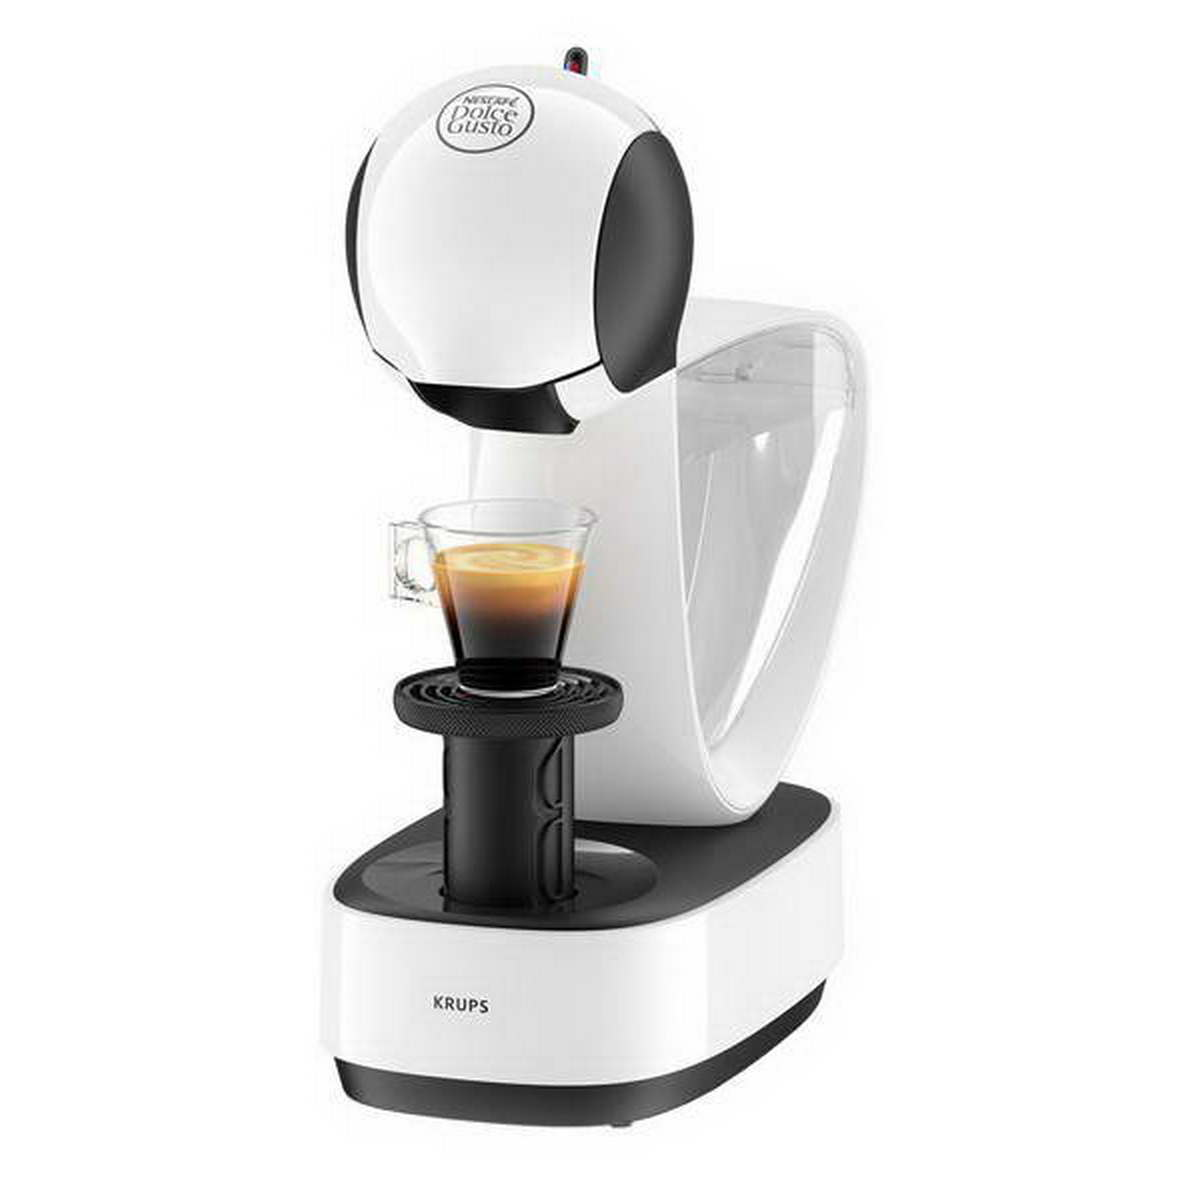 Krups Coffee Maker (1500 W,1.1 L) KP170166